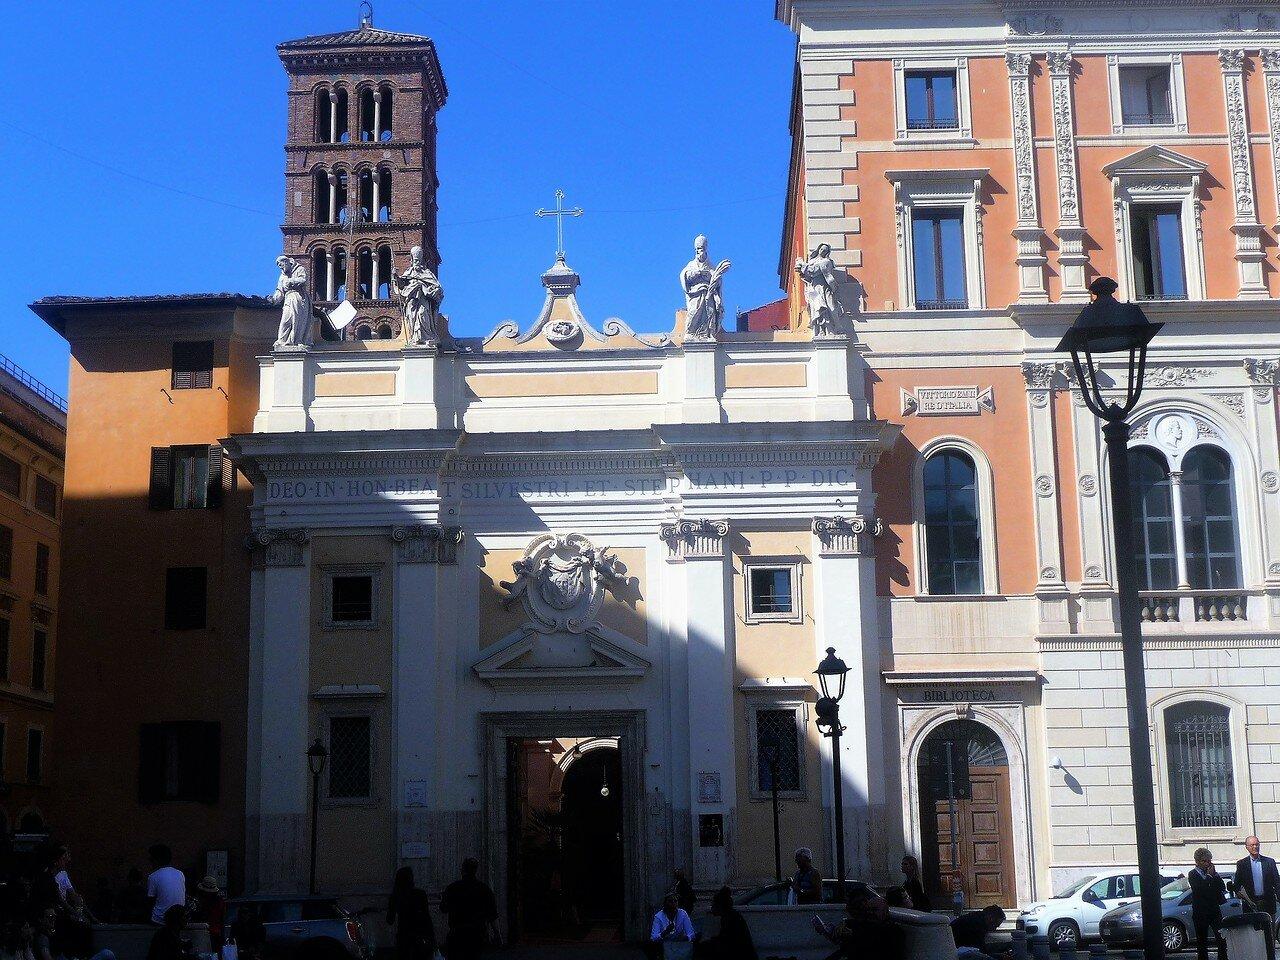 Chiesa San Silvestro in Capite (11).JPG